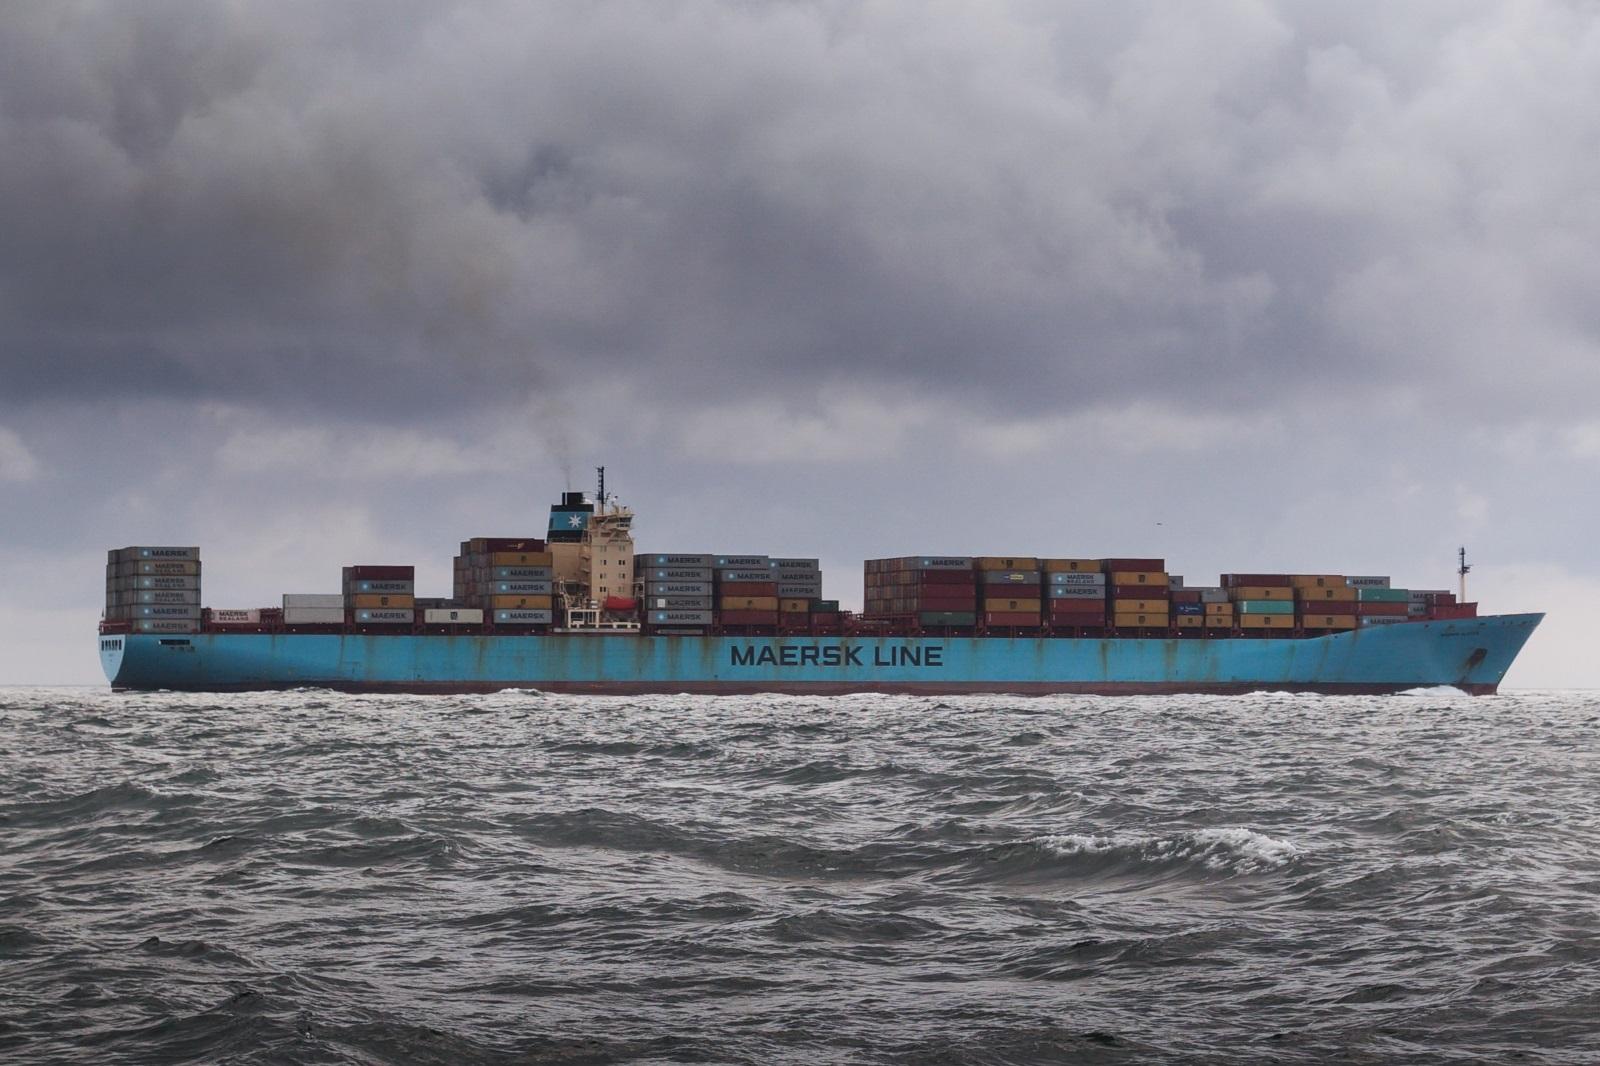 Společnost Maersk Line je jeden z globálních lídrů v oblasti lodní dopravy